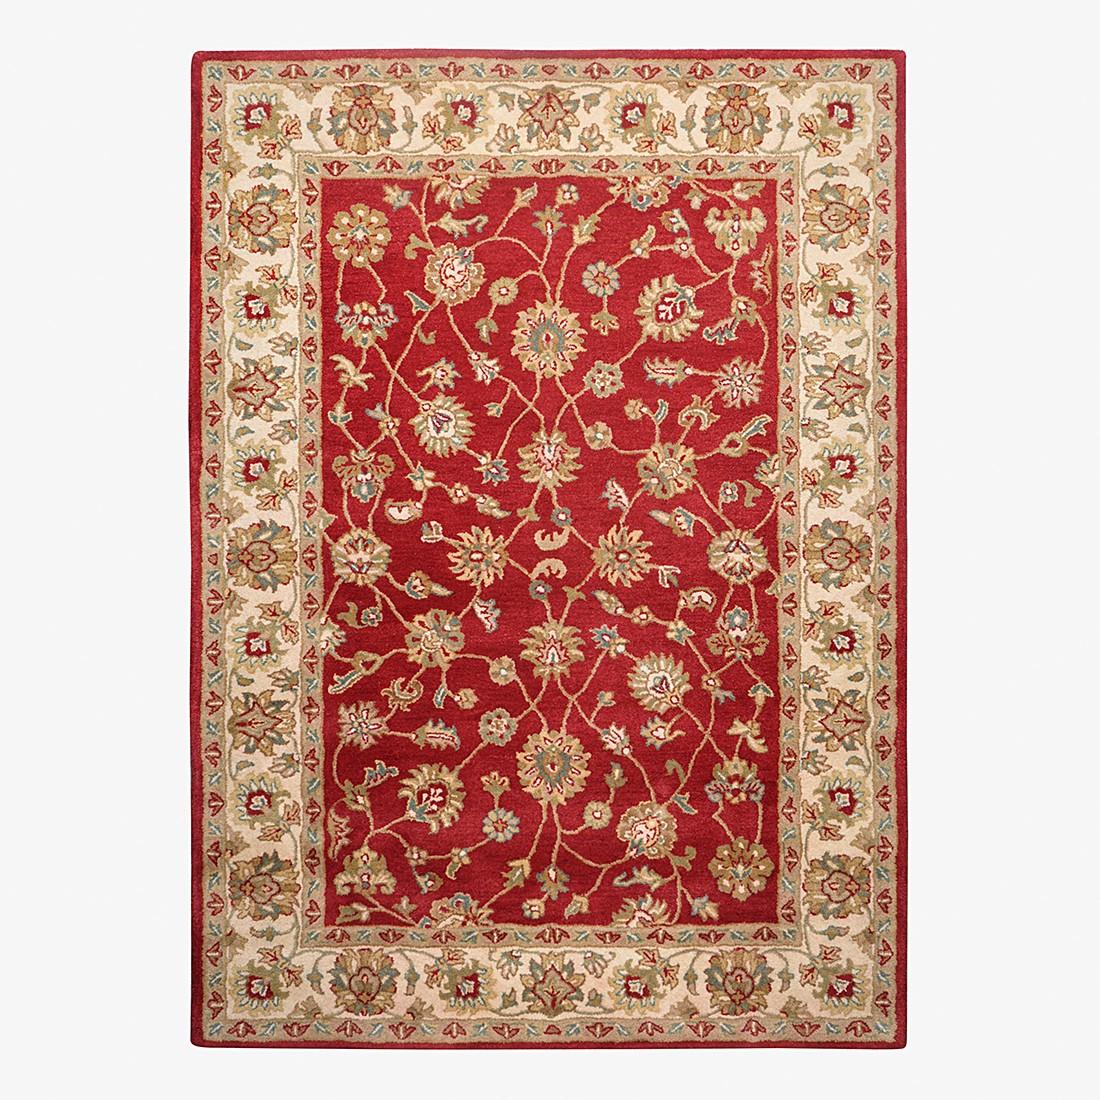 Teppich Royal Ziegler – Wolle/Rot – 60 cm x 90 cm, THEKO die markenteppiche bestellen